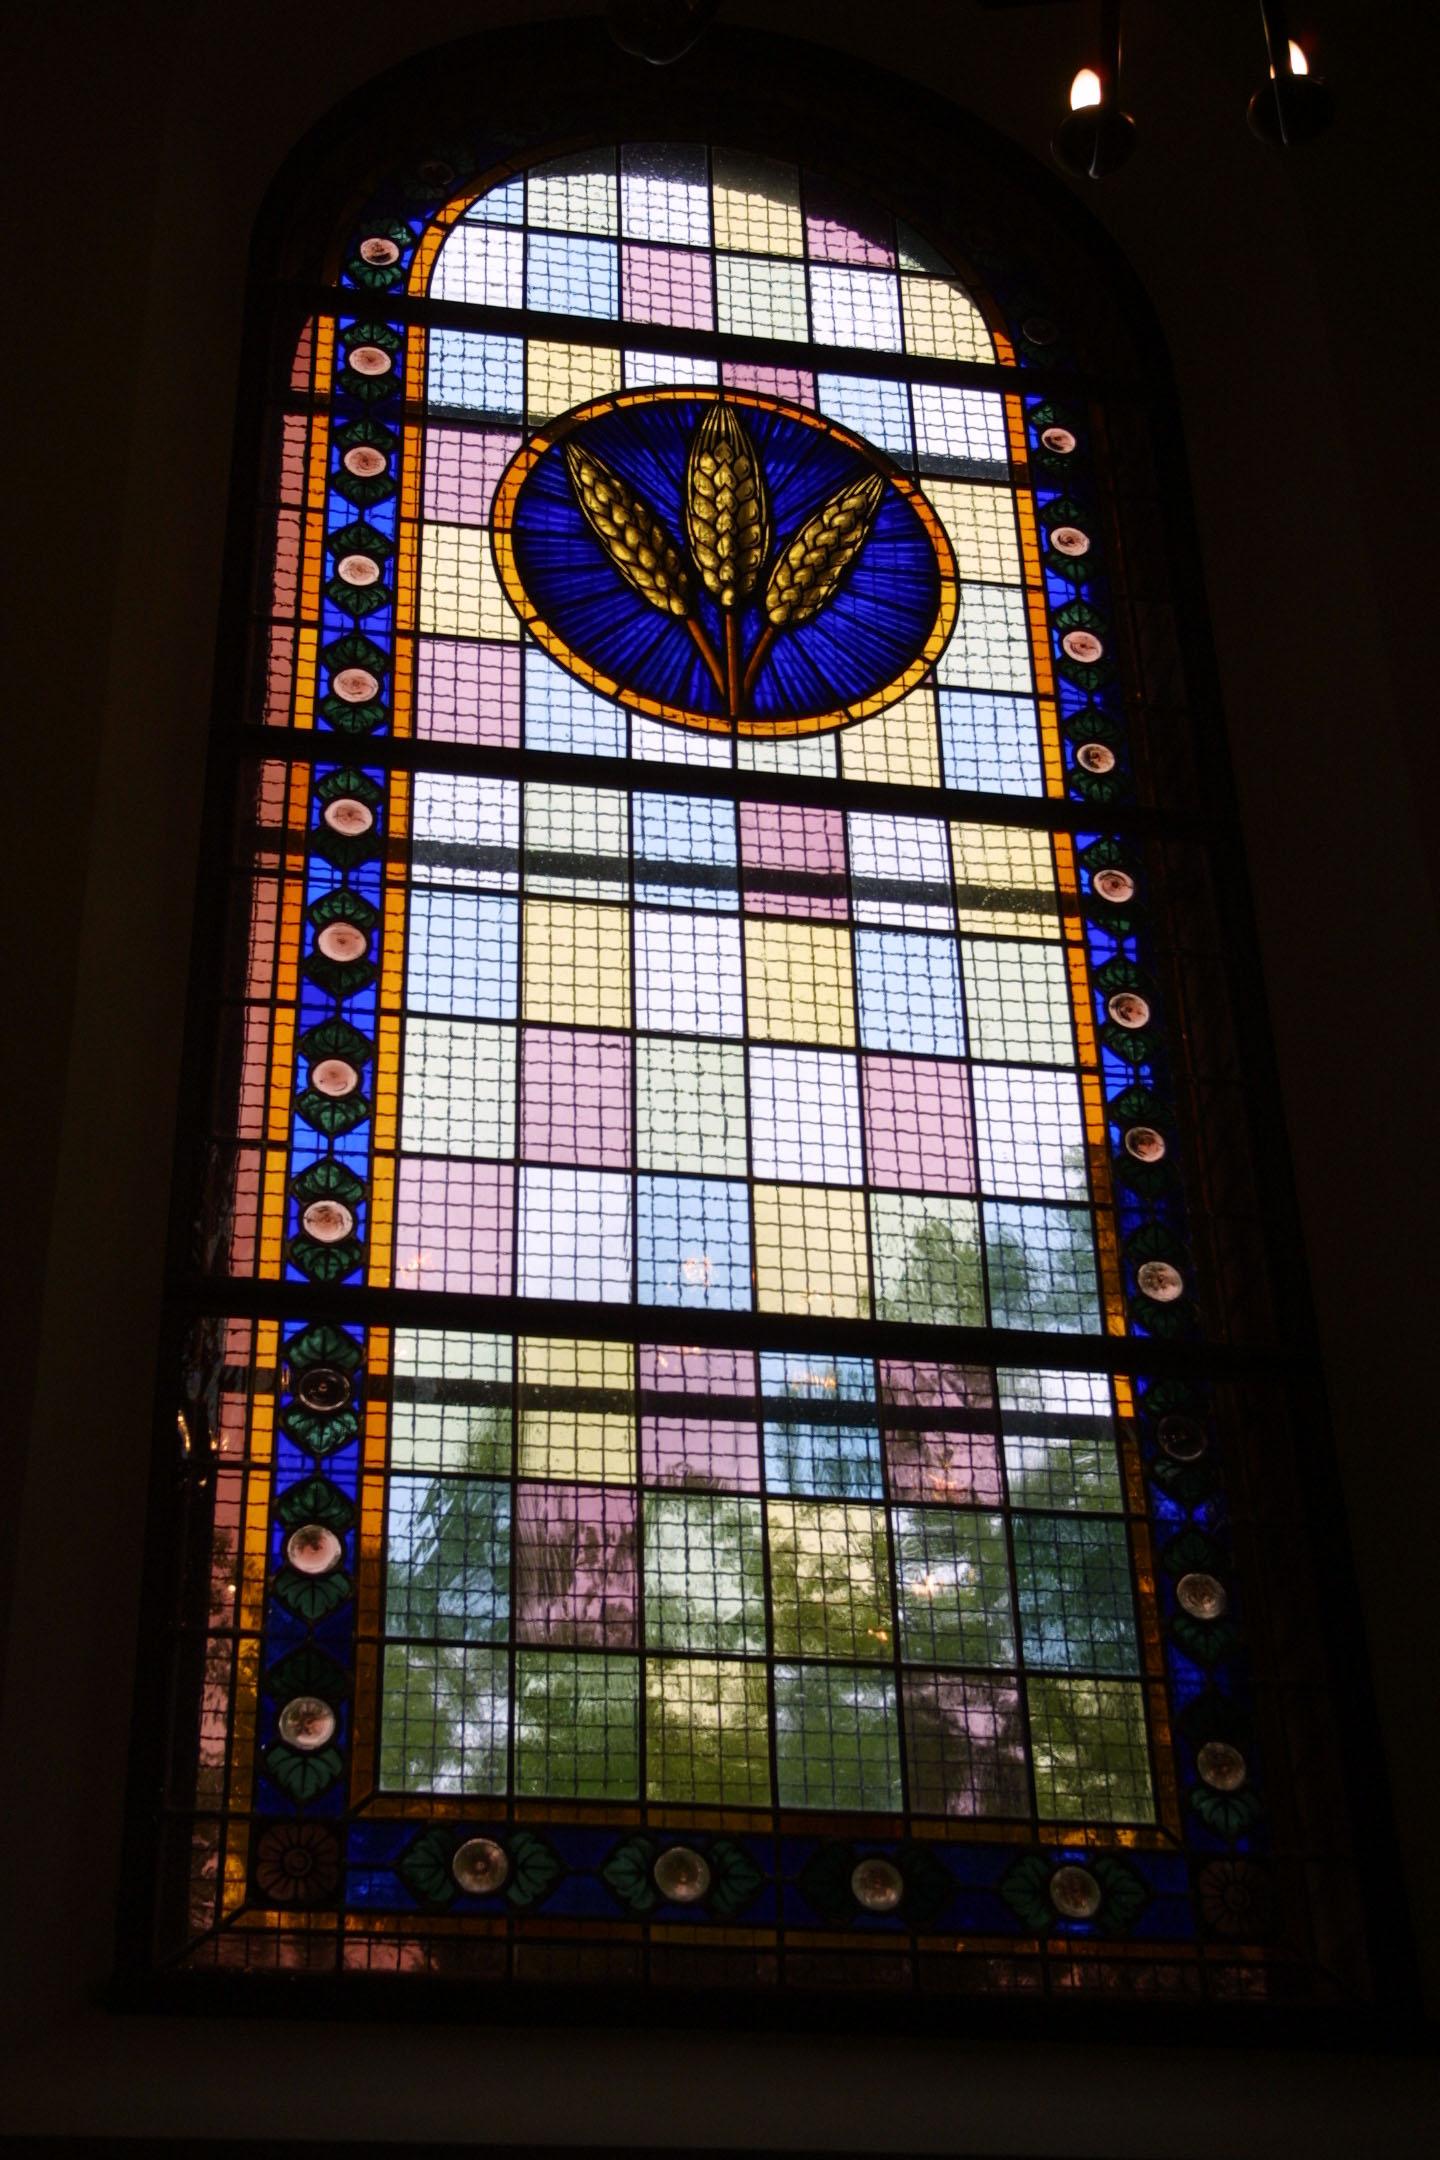 Kirchenfenster der St. Marien am Behnitz, Bleiverglasung und Glasmalerei individuell gefertigt Motiv Ähren